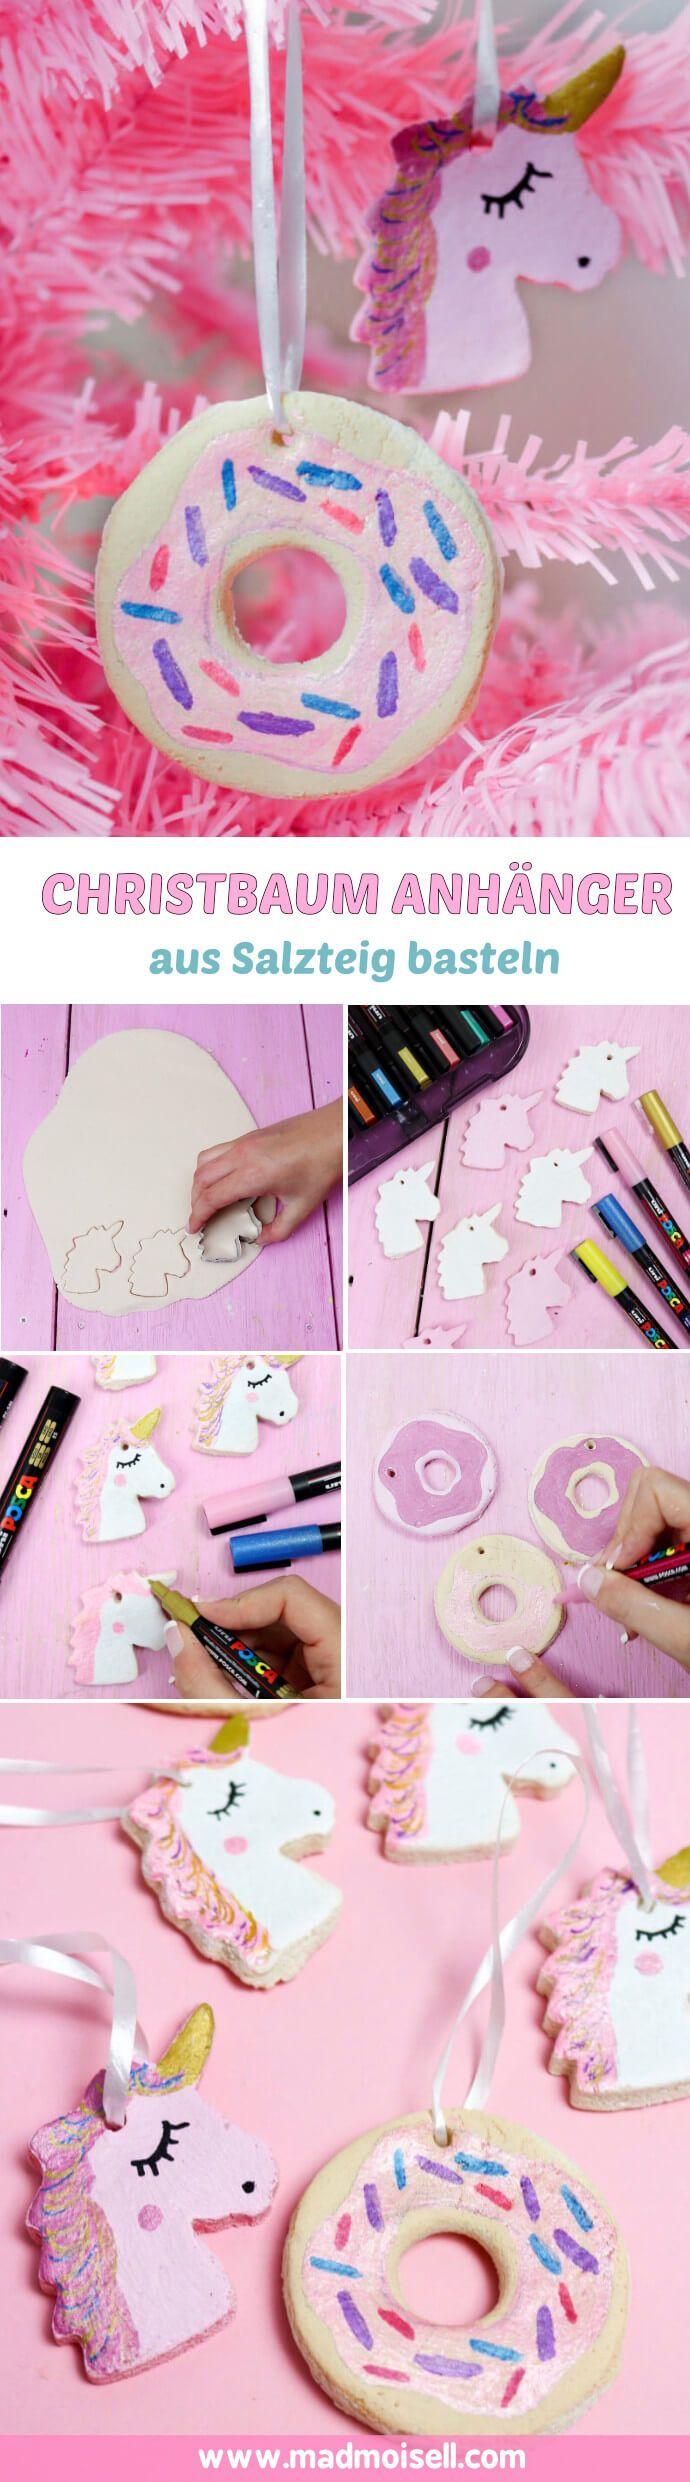 Einhorn Christbaum Anhänger lassen sich schnell und einfach selber machen: Klicke hier für zwei kreative DIY Anleitungen aus Salzteig und Acrylkugeln.